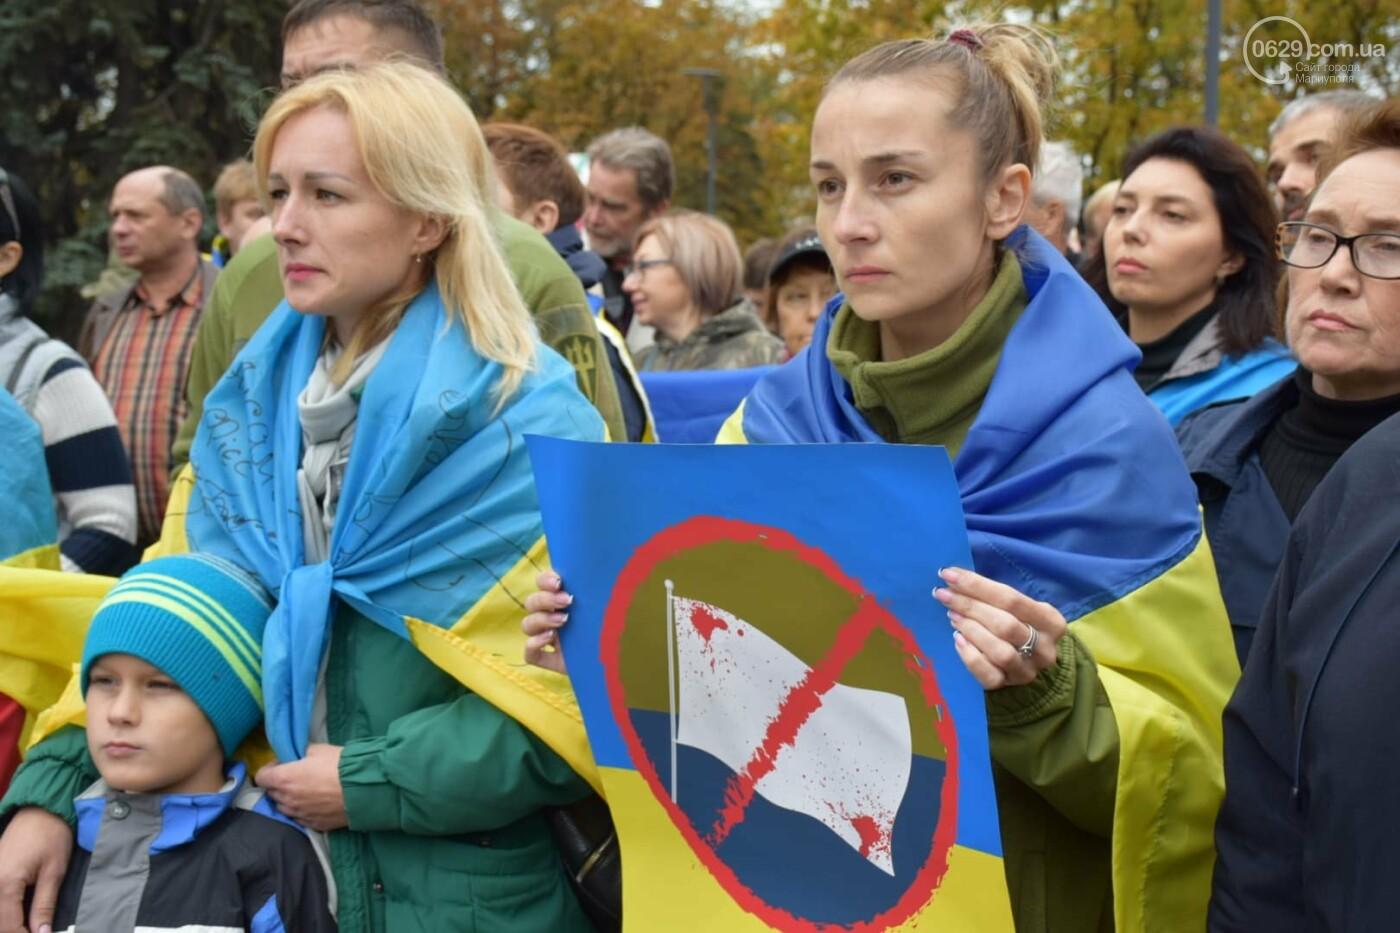 #НiКапітуляції. В Мариуполе прошел митинг против формулы Штайнмайера, - ФОТОРЕПОРТАЖ, фото-26